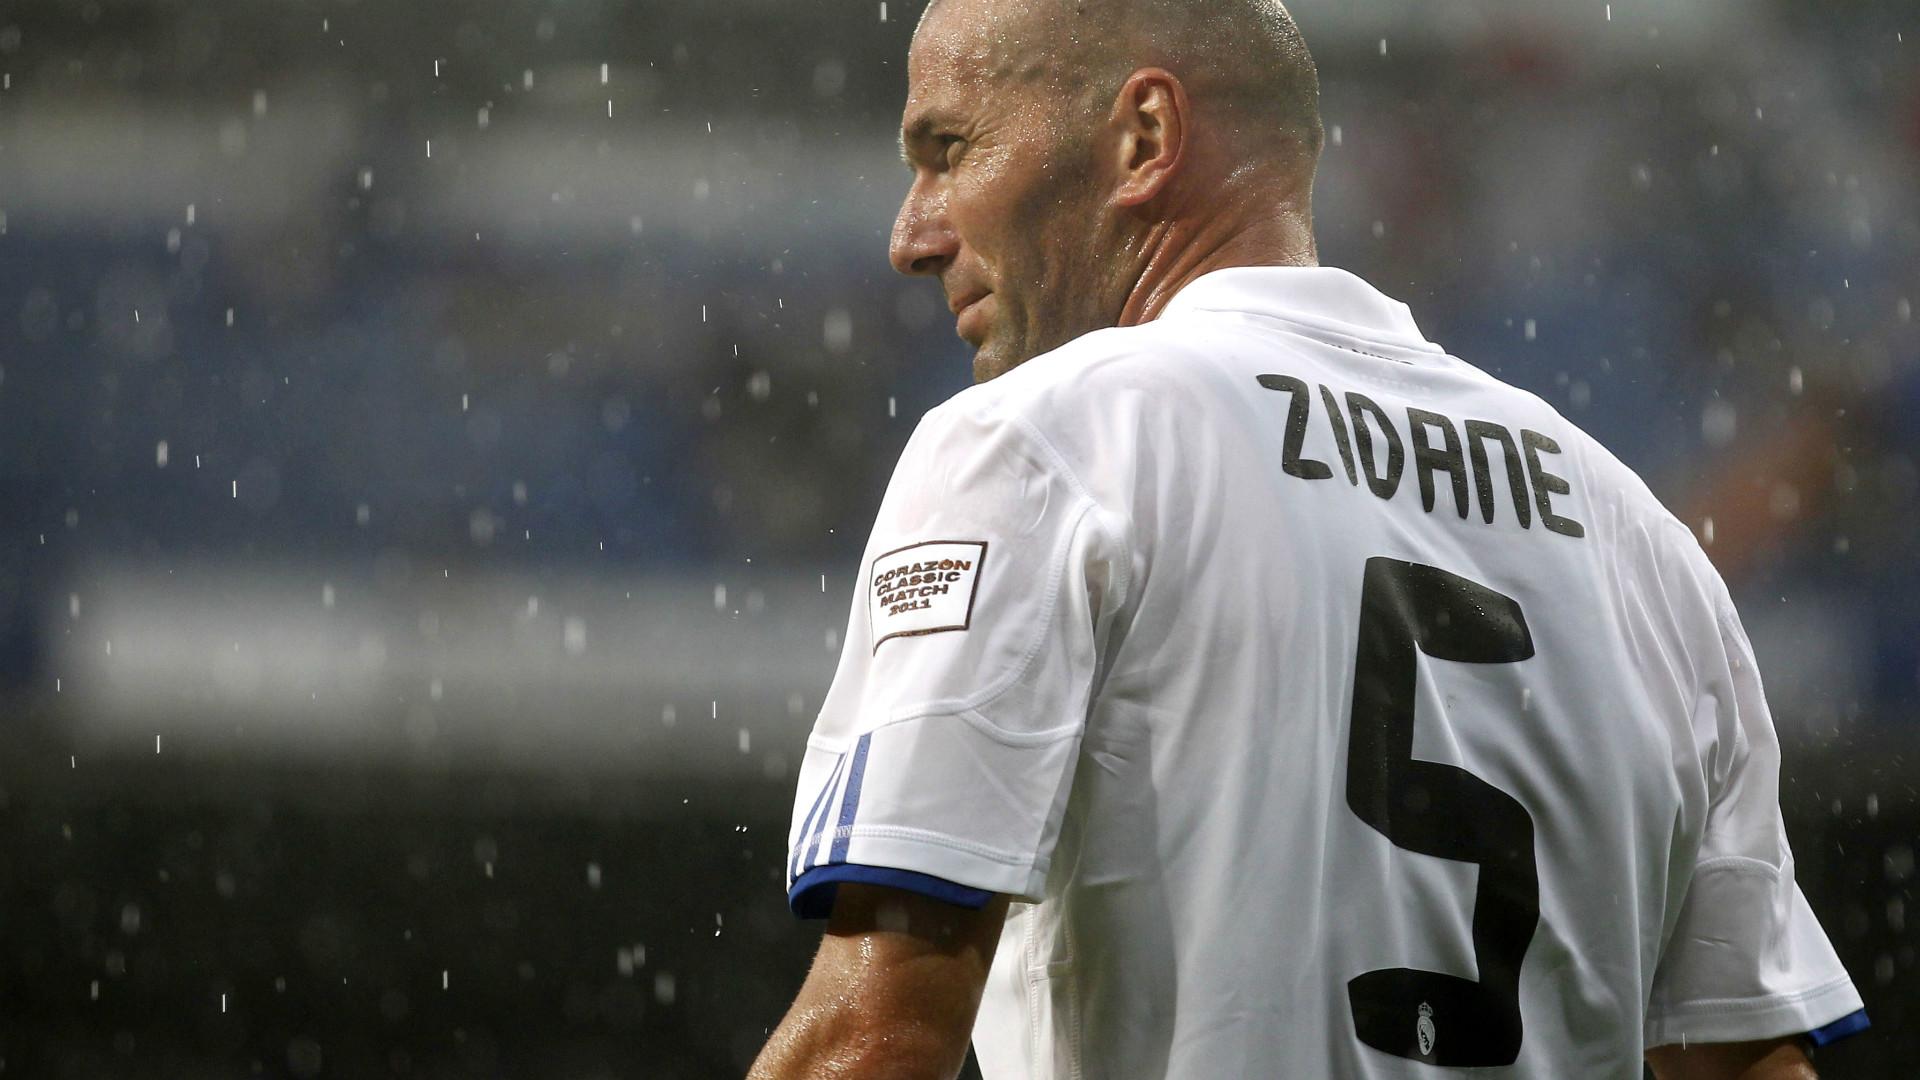 Es uno de los tres en anotar 3 goles en la Final de Copa del Mundo.